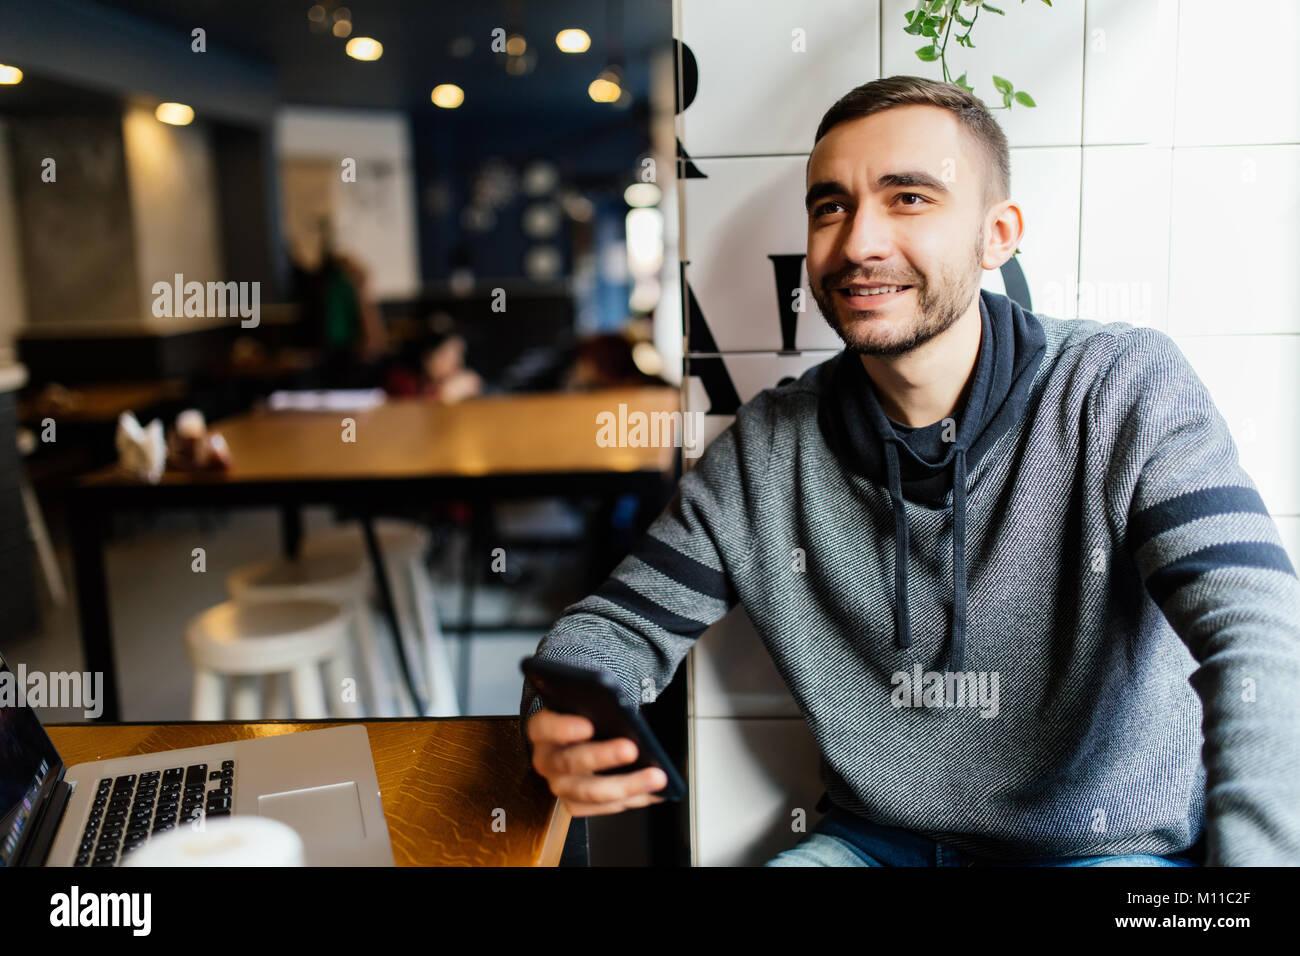 Close-up of male hands holding et à l'utilisation de smart phone in cafe shop. L'envoi de l'homme moderne les nouveaux Banque D'Images